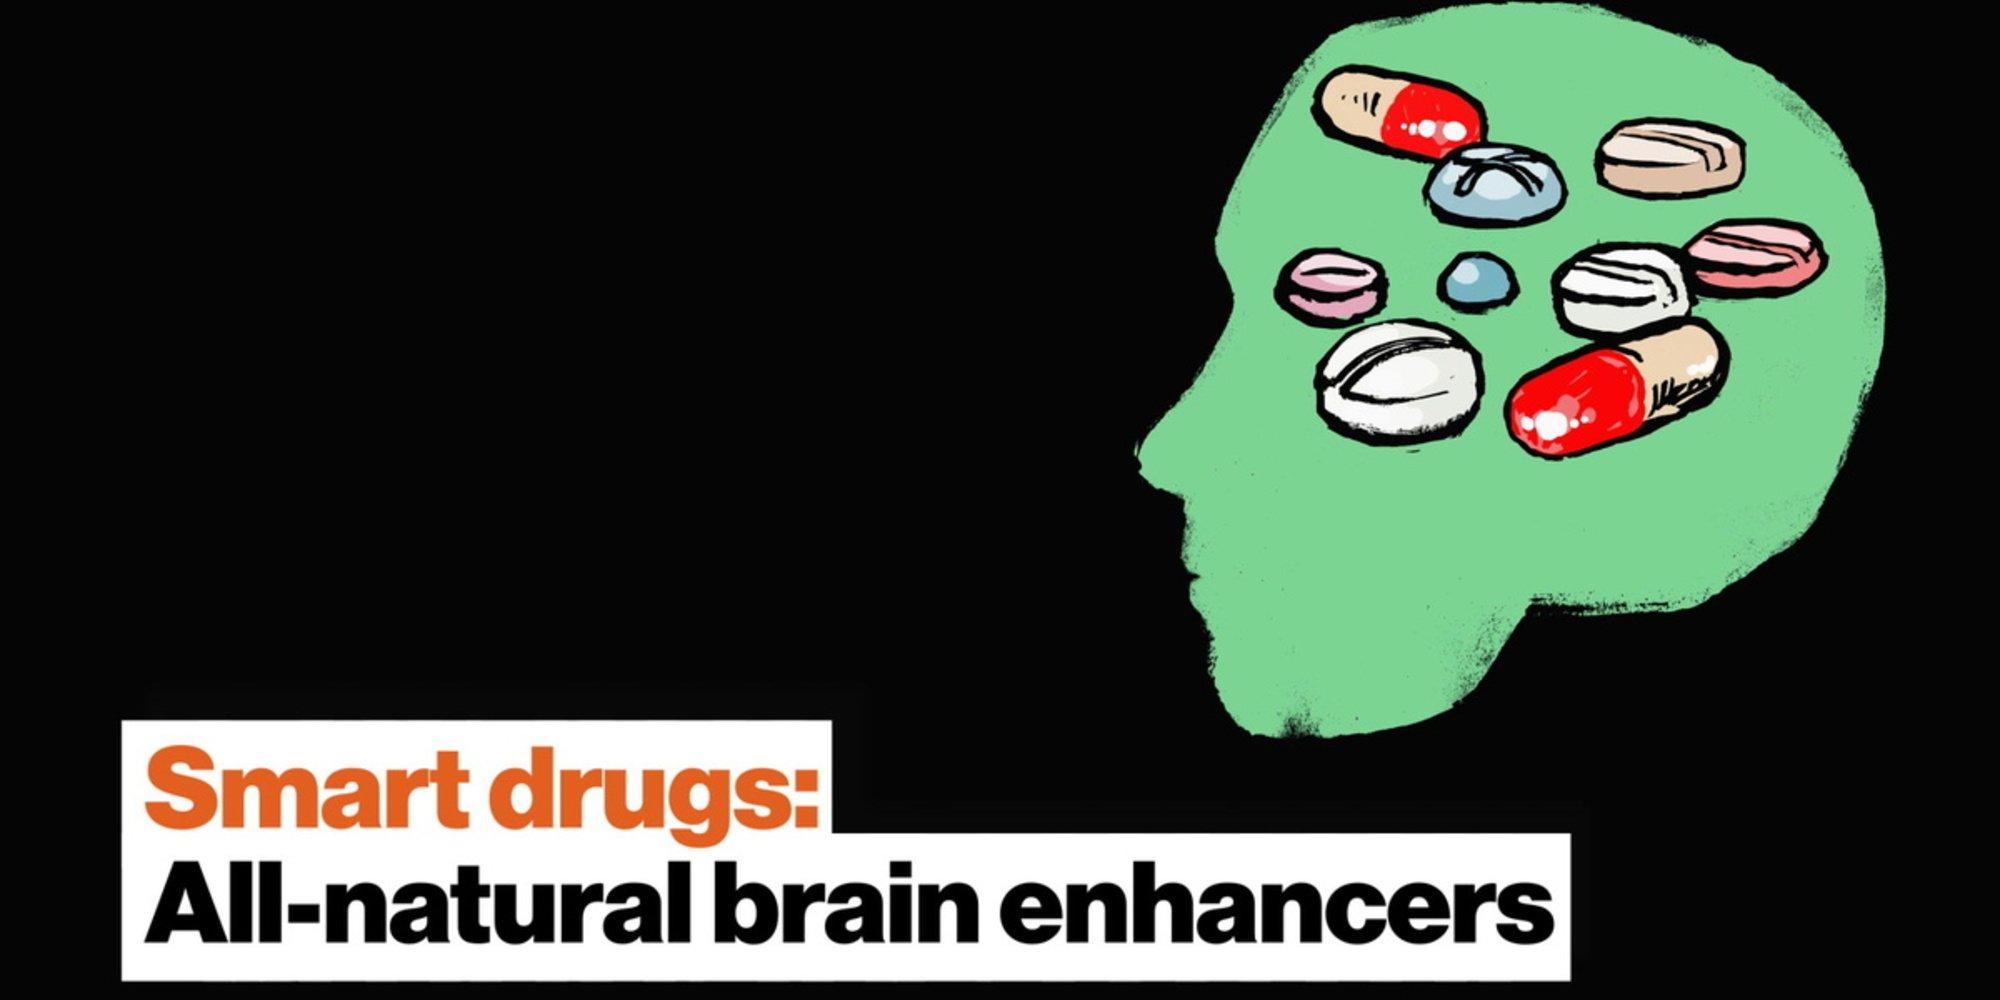 Inteligentne leki: naturalne wzmacniacze mózgu wykonane przez naturę